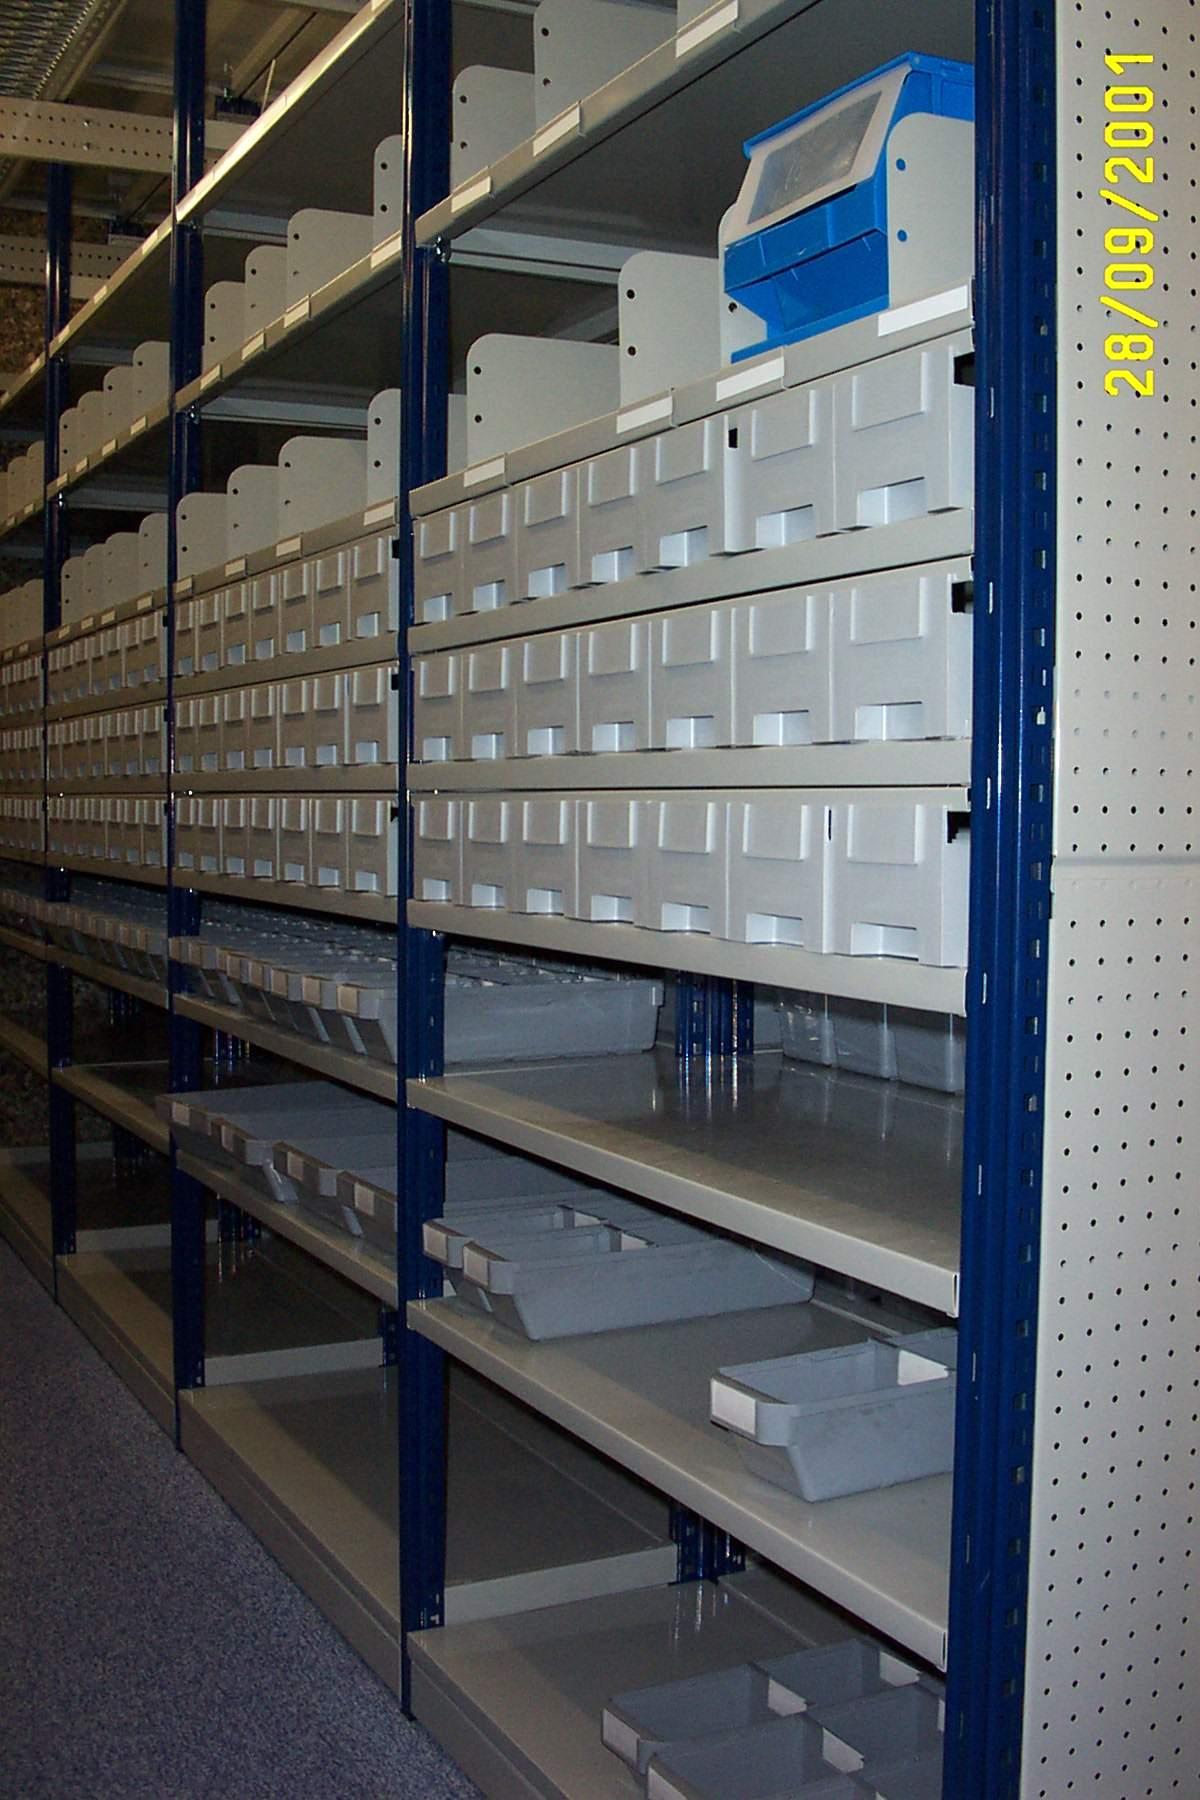 Estanter a ligera sin tornillos metalkom sistemas de - Estanterias metalicas sin tornillos ...